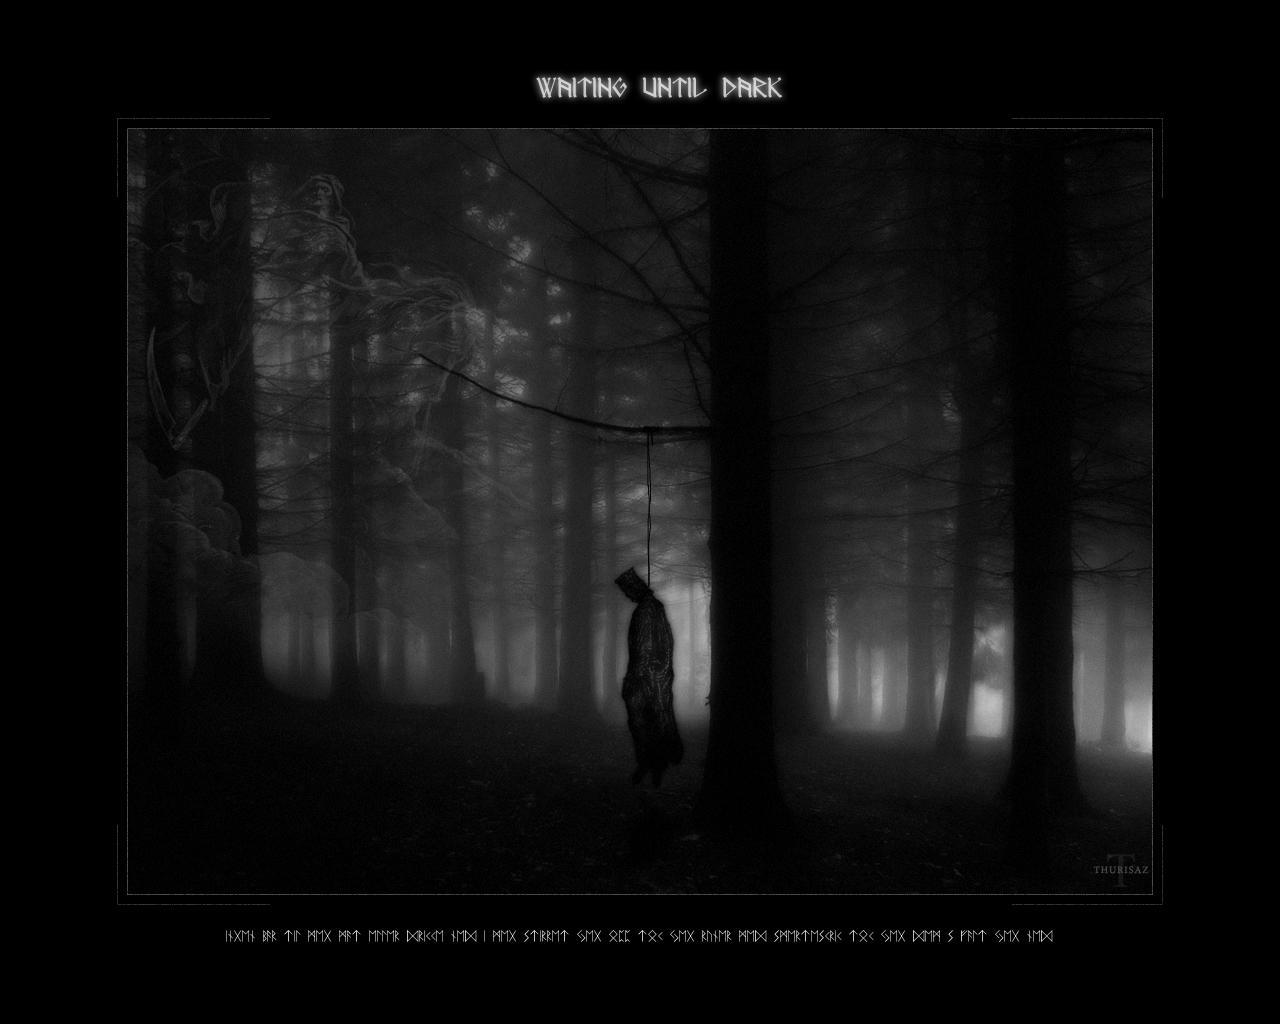 Waiting Until Dark by thurisaz